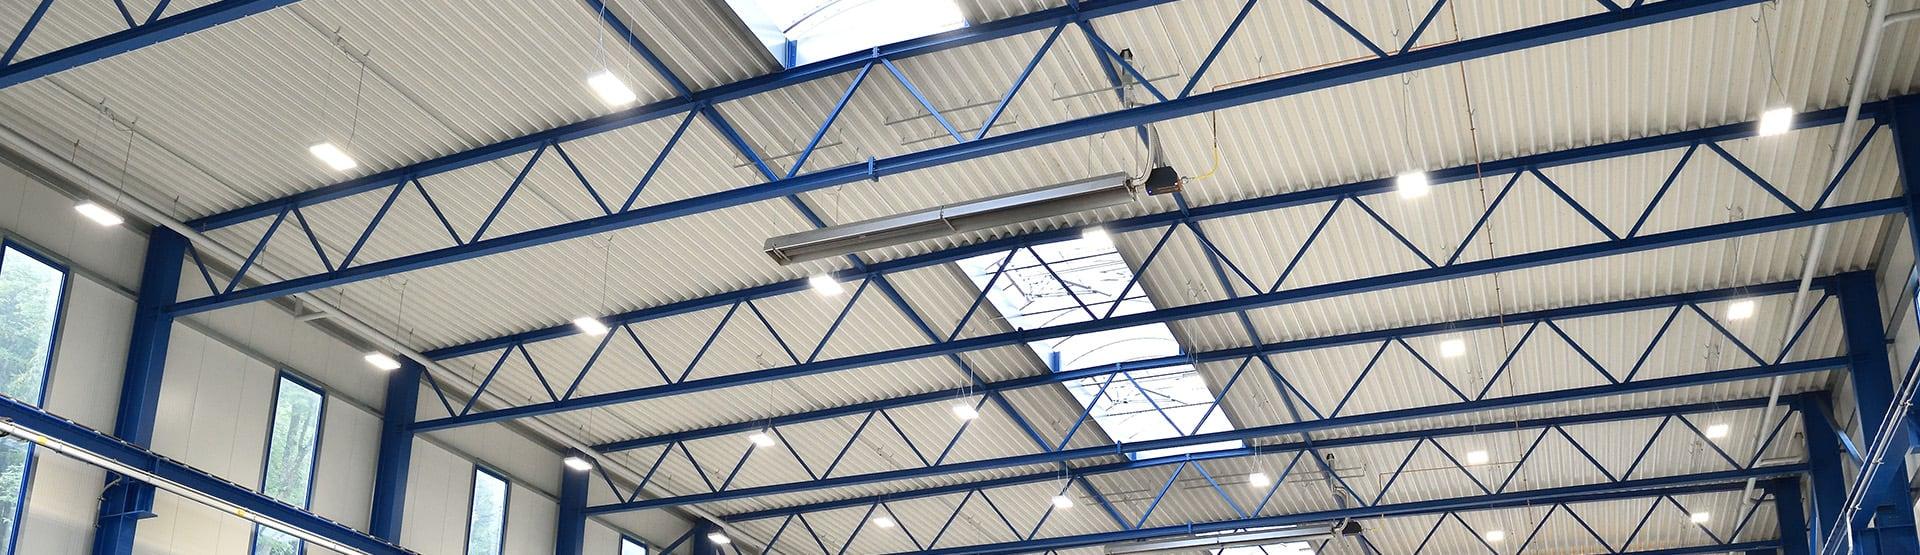 Der Schwank Dunkelstrahler deltaSchwank unter dem Dach einer Halle.